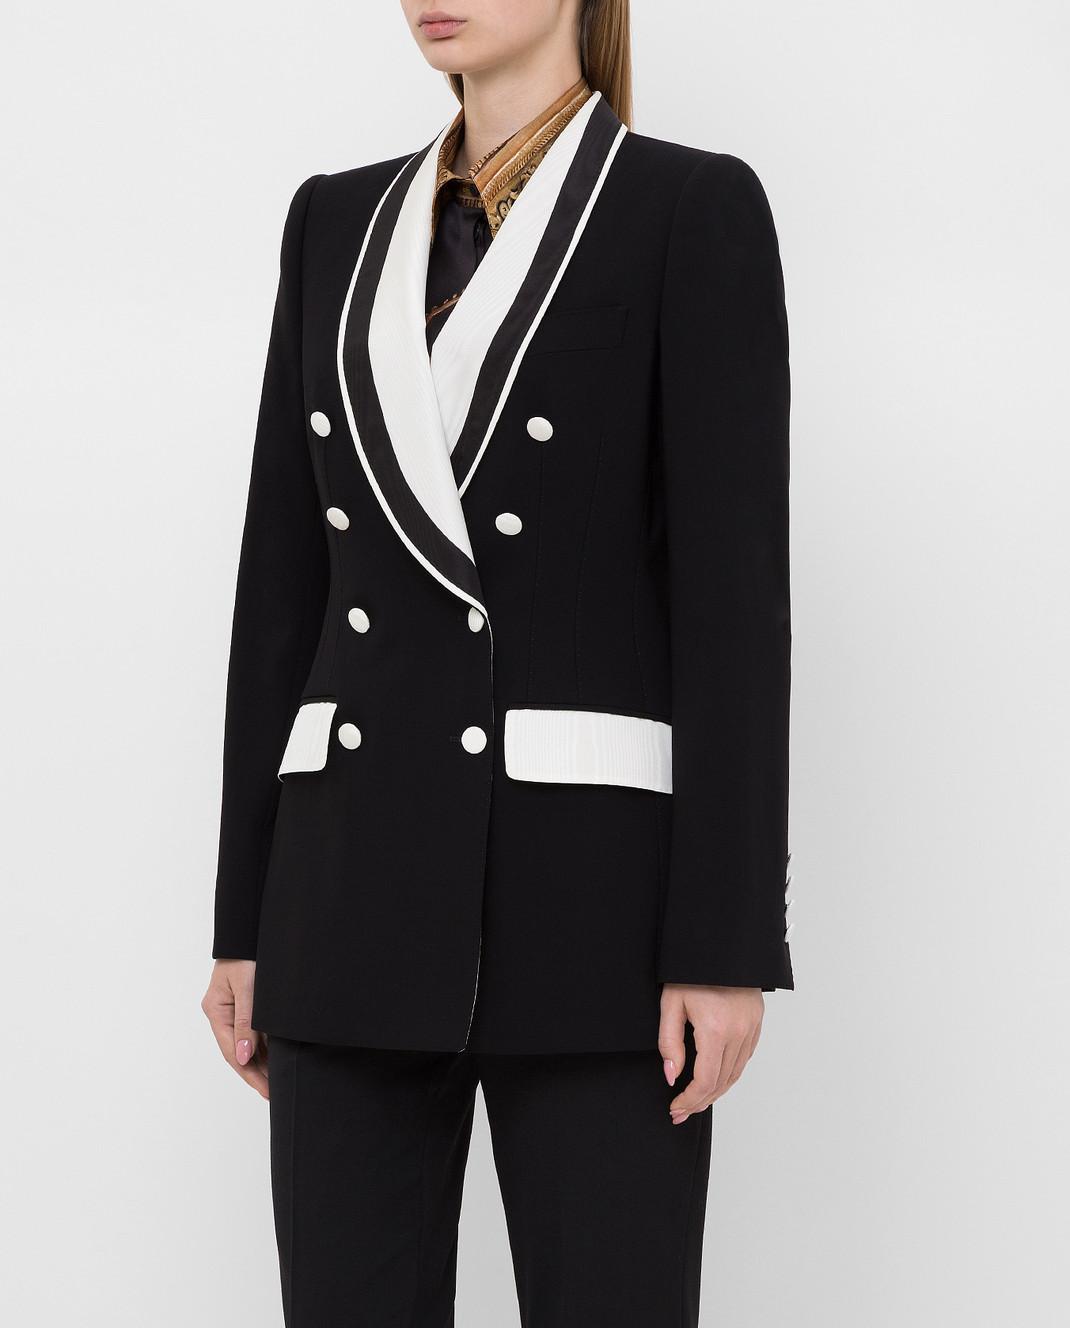 Dolce&Gabbana Черный жакет из шерсти изображение 3